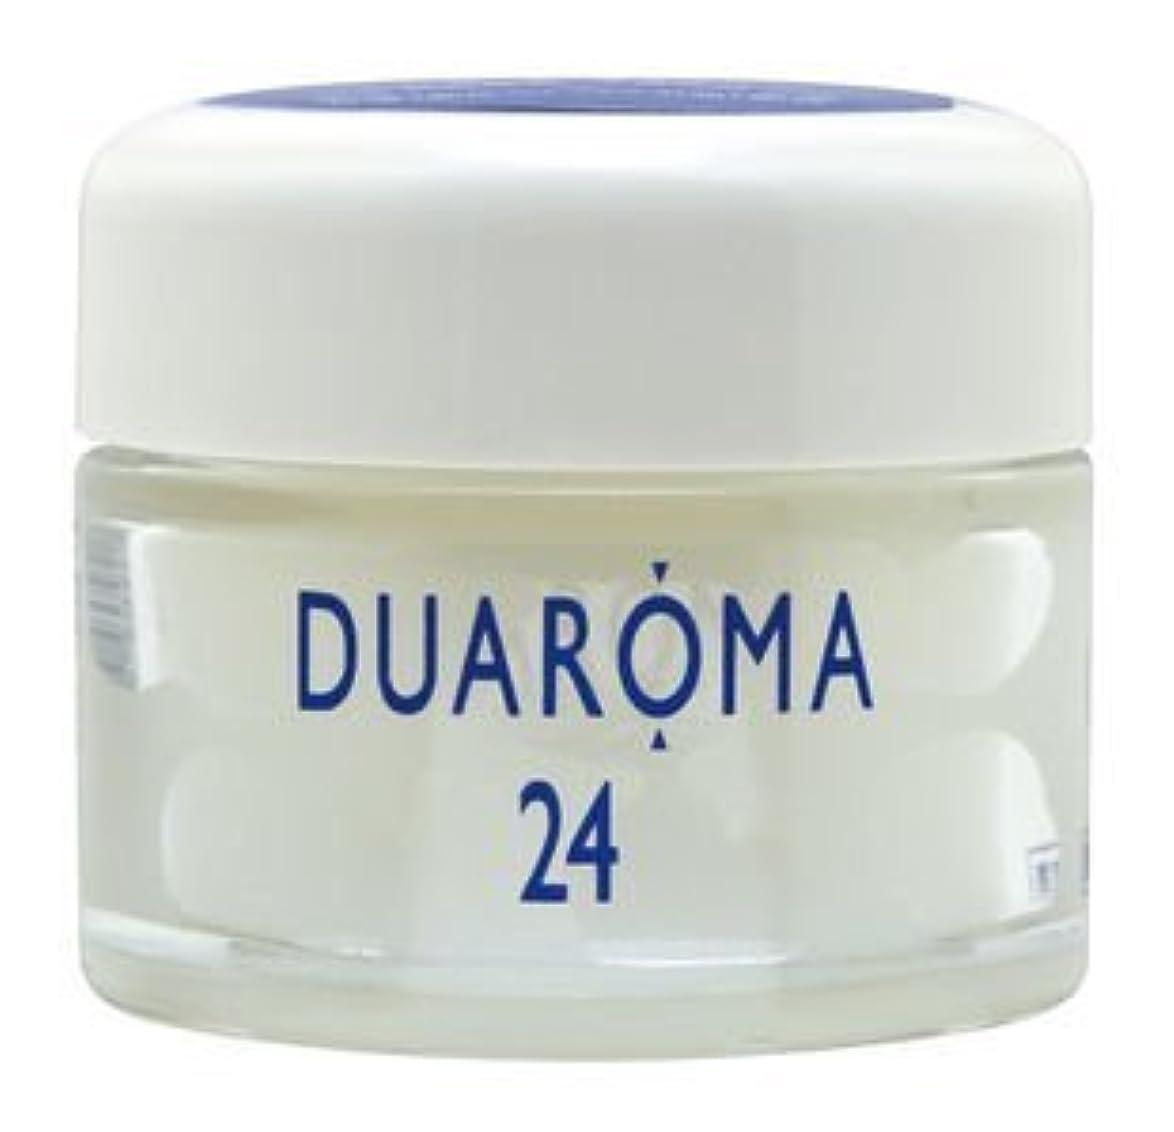 特殊重要な役割を果たす、中心的な手段となる出血デュアロマ24薬用クリーム40g×3個                   JAN:4969059909213